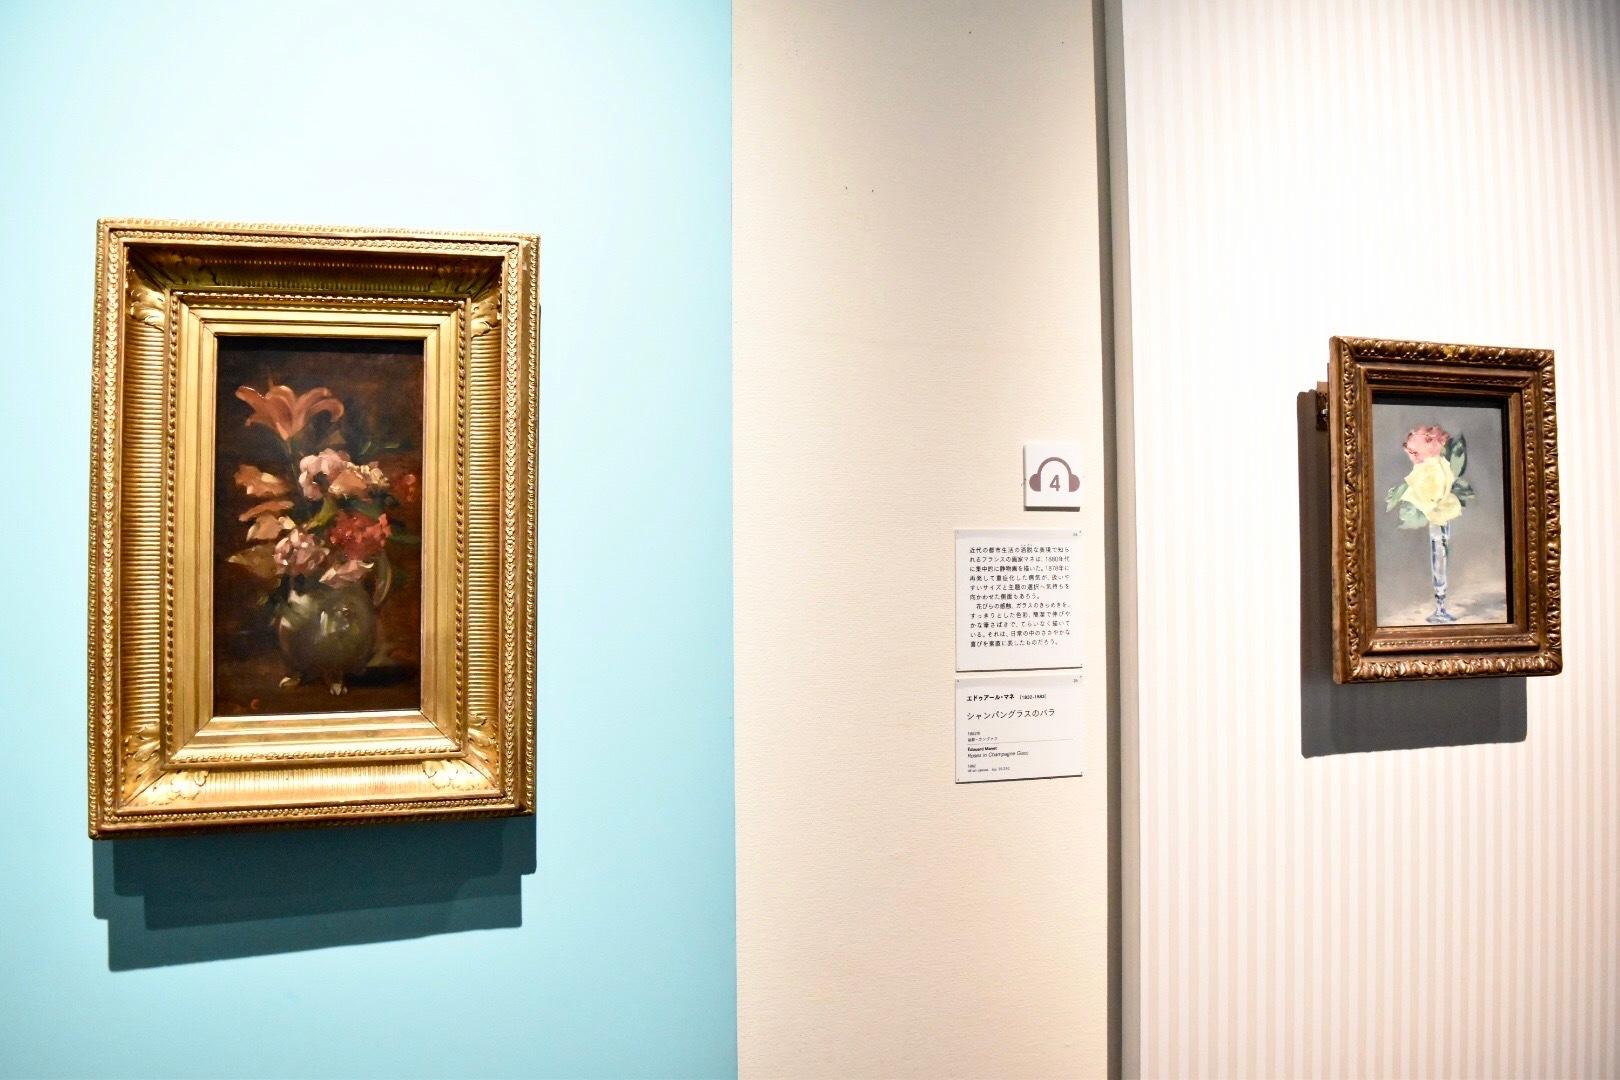 左:ギュスターヴ・クールベ 《アイリスとカーネーション》 1863年頃 油彩、カンヴァス (C)CSG CIC Glasgow  Museums  右:エドゥアール・マネ 《シャンパングラスのバラ》 1882年 油彩、カンヴァス (C)CSG CIC Glasgow Museums